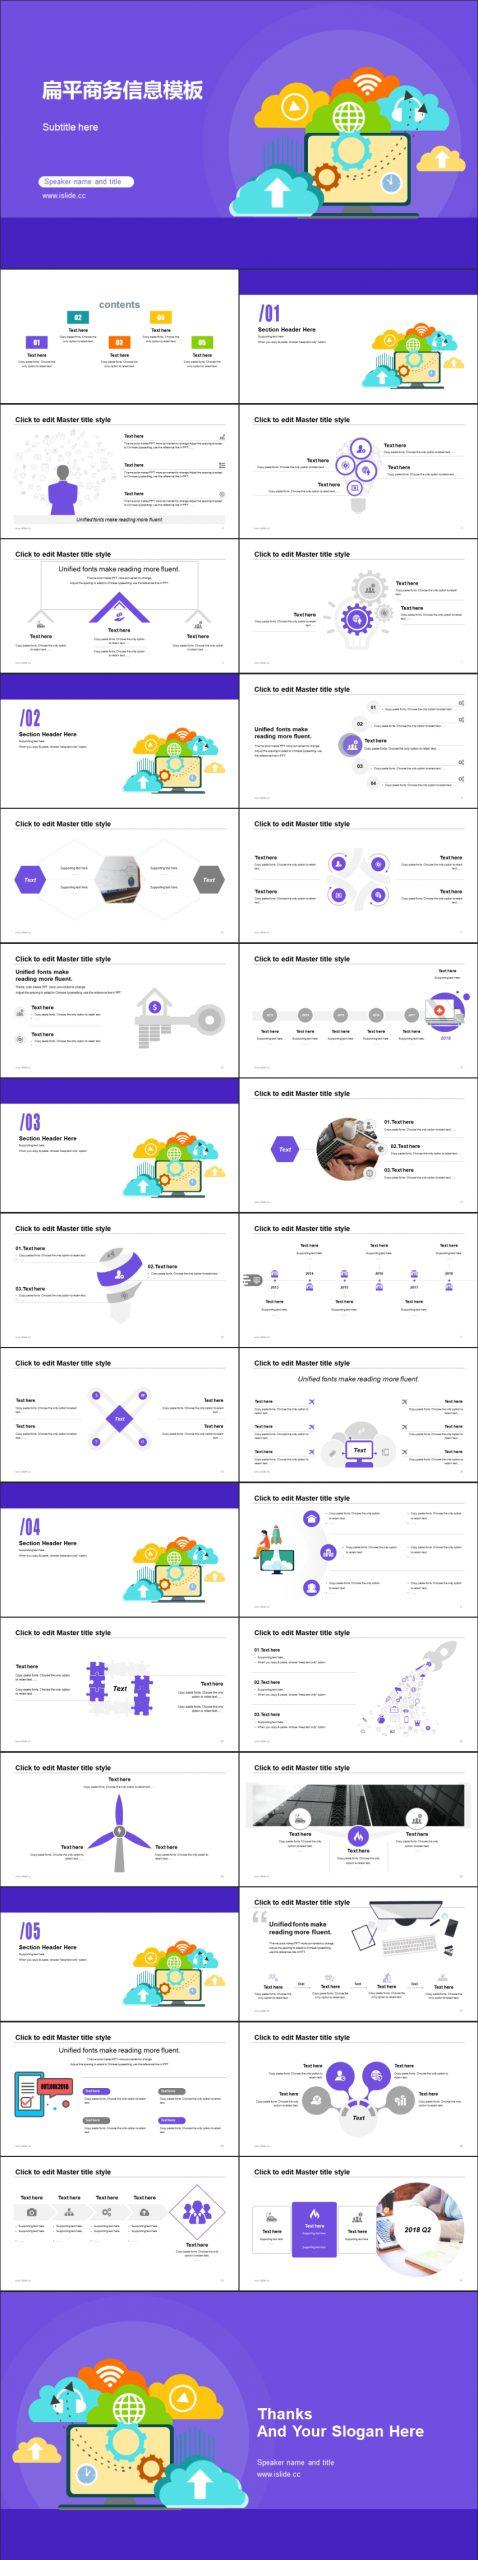 电子商务网络营销推广PPT模板下载_预览图2